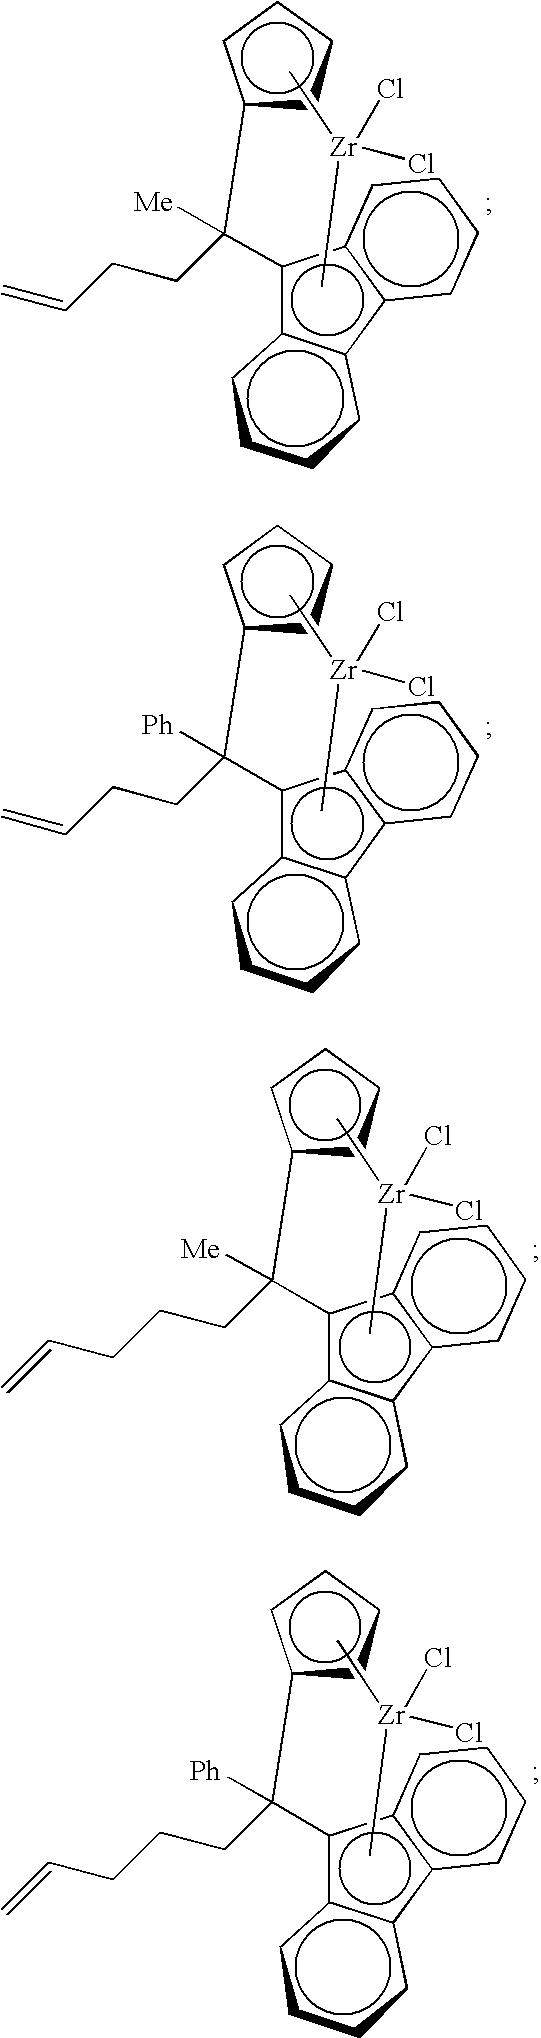 Figure US20050288461A1-20051229-C00030